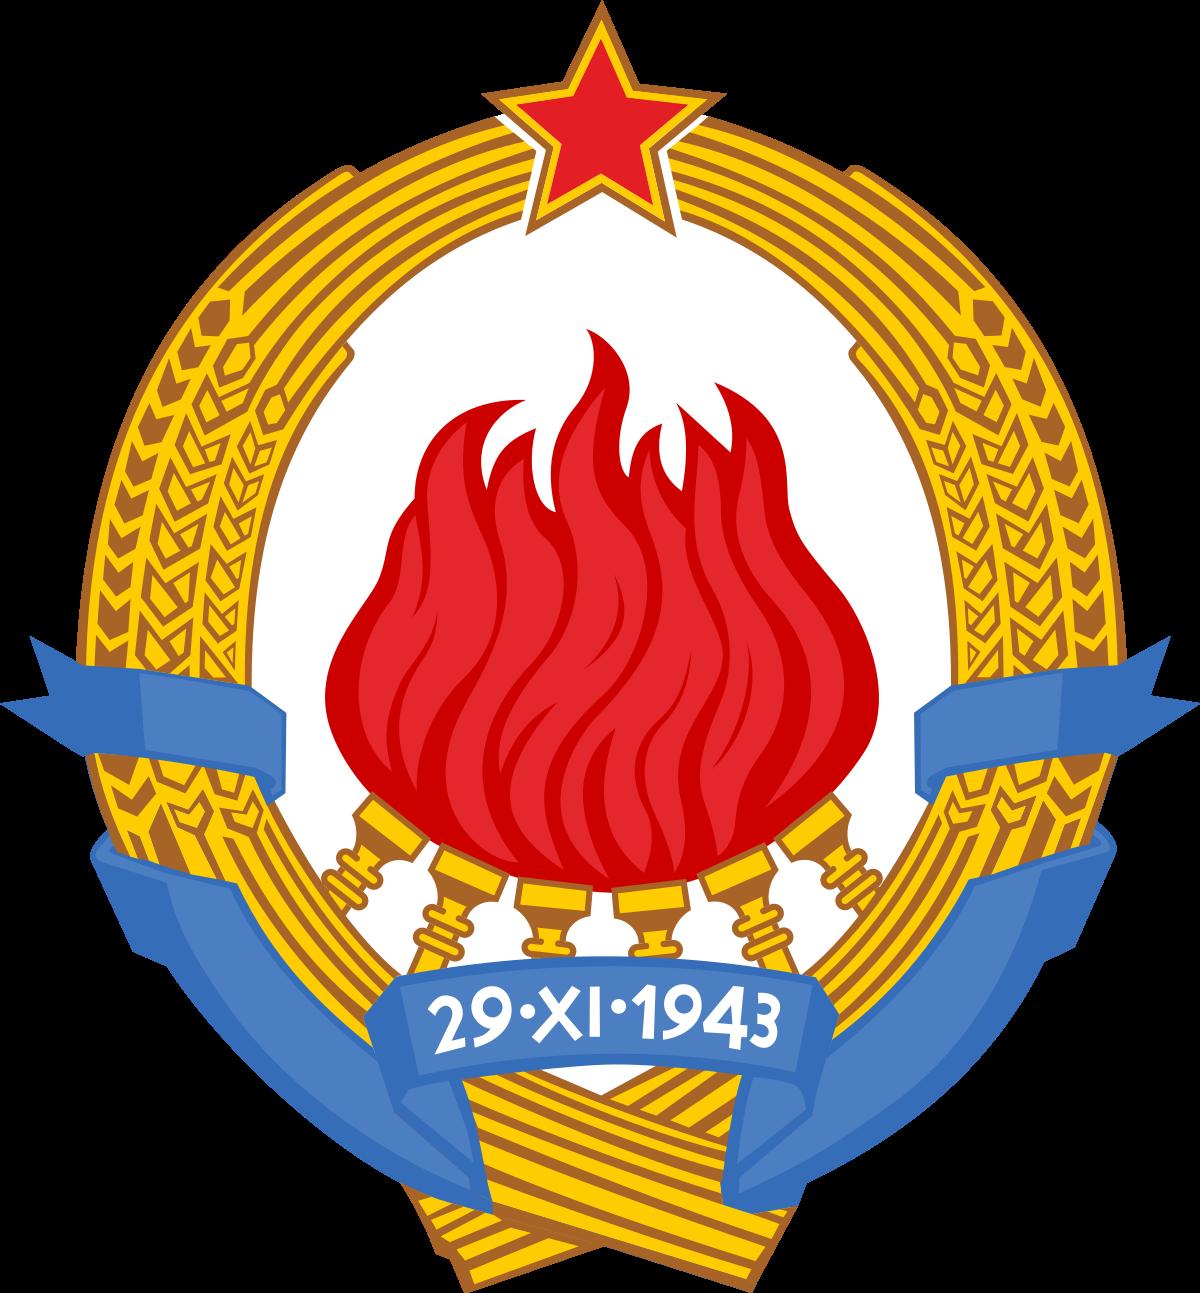 Federal Executive Council (Yugoslavia).